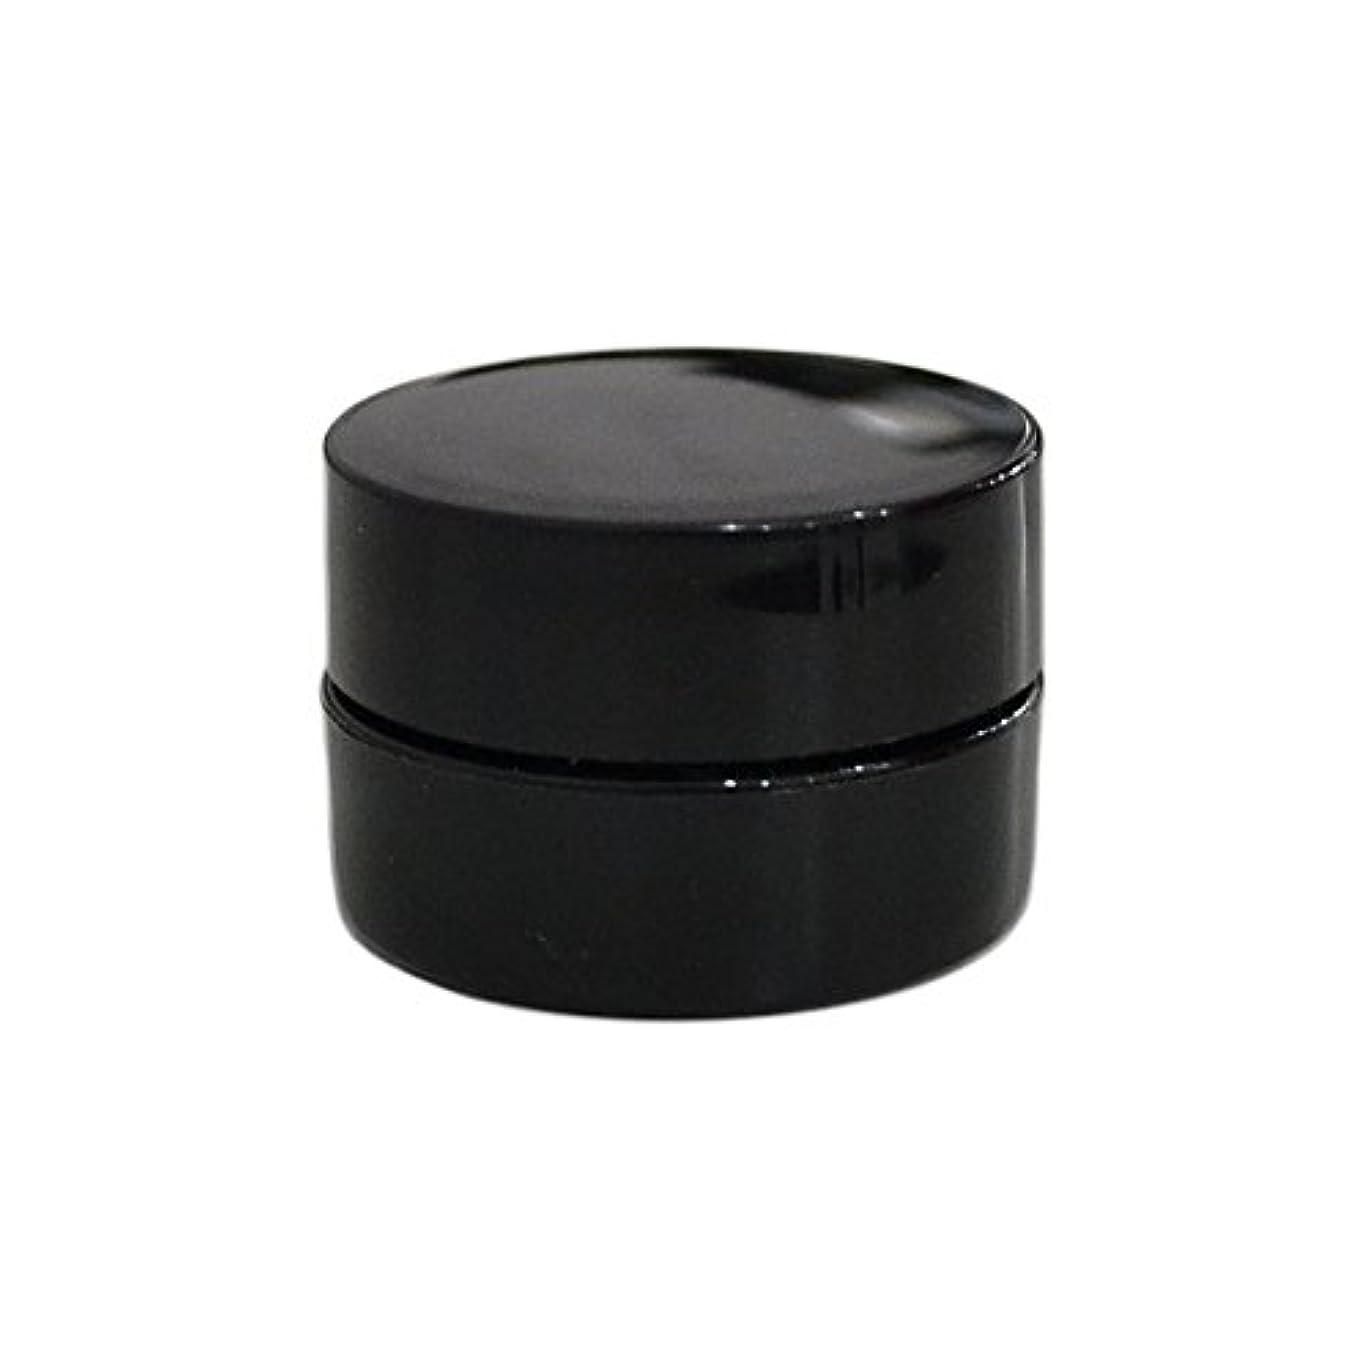 誘惑脱臼する意味のある10個セット/純国産ネイルジェルコンテナ 3g用 GA3g 漏れ防止パッキン&ブラシプレート付容器 ジェルを無駄なく使える底面傾斜あり 遮光 黒 ブラック